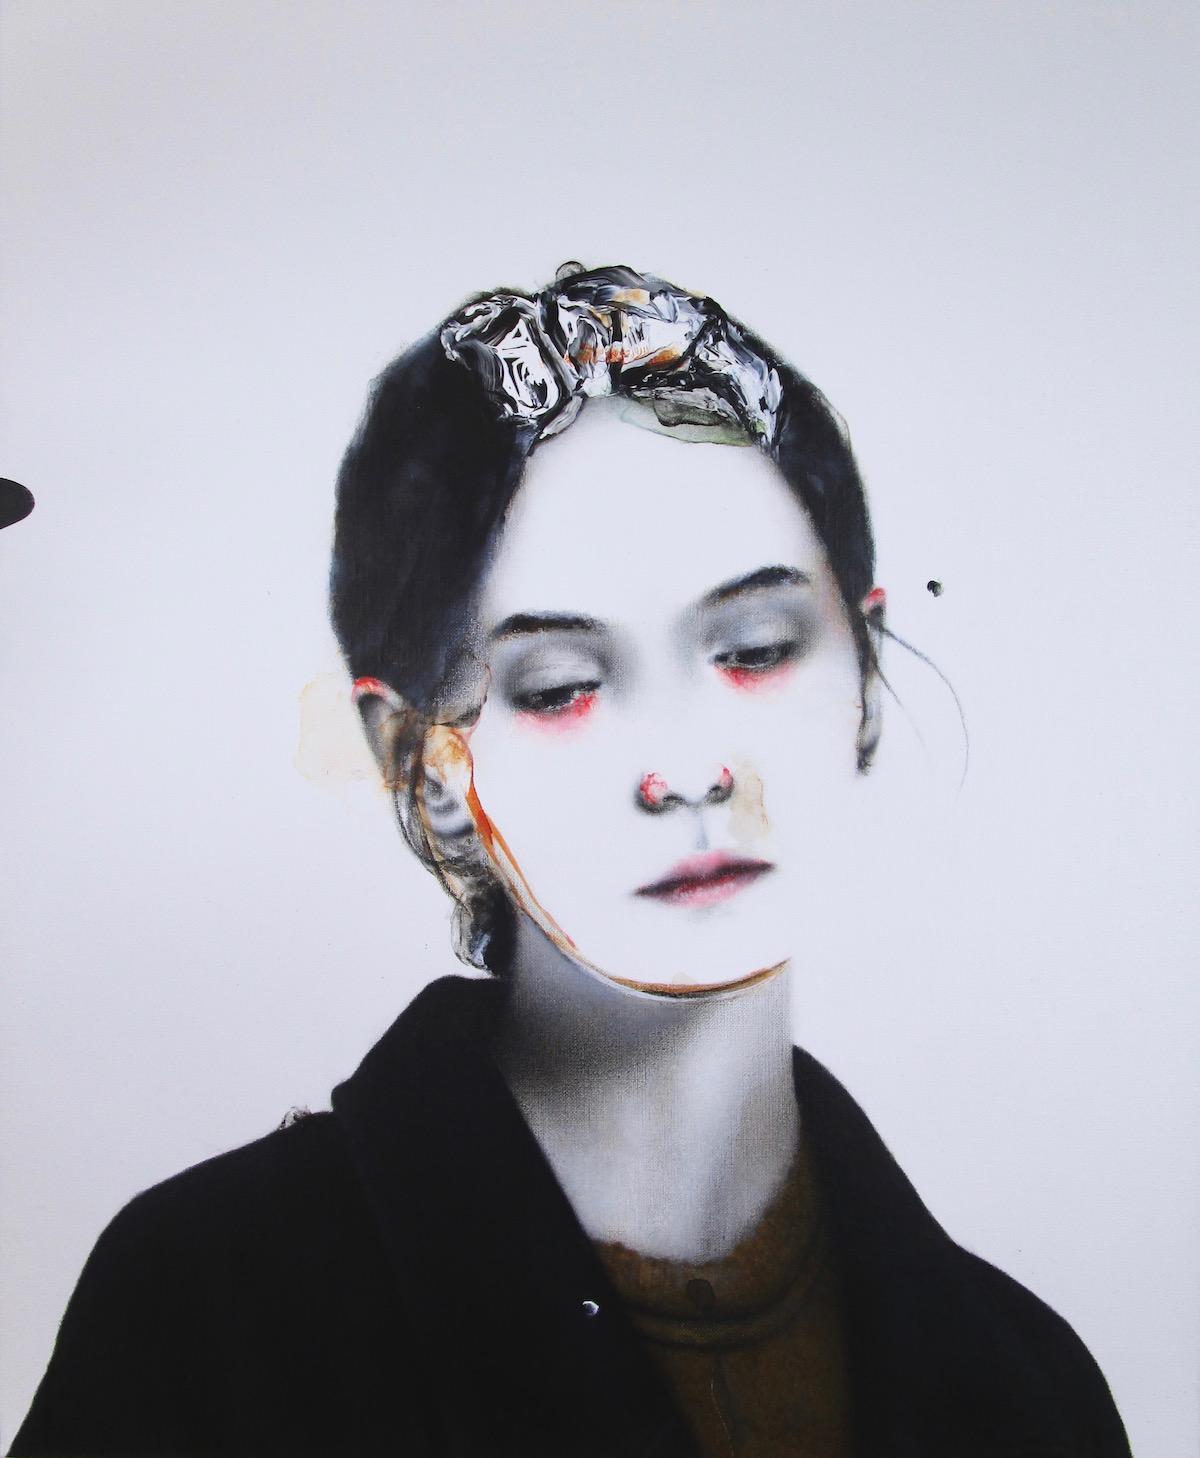 antoine cordet canvas toile peinture painting portrait art artist artiste peintre acrylic oil hypothermia tour